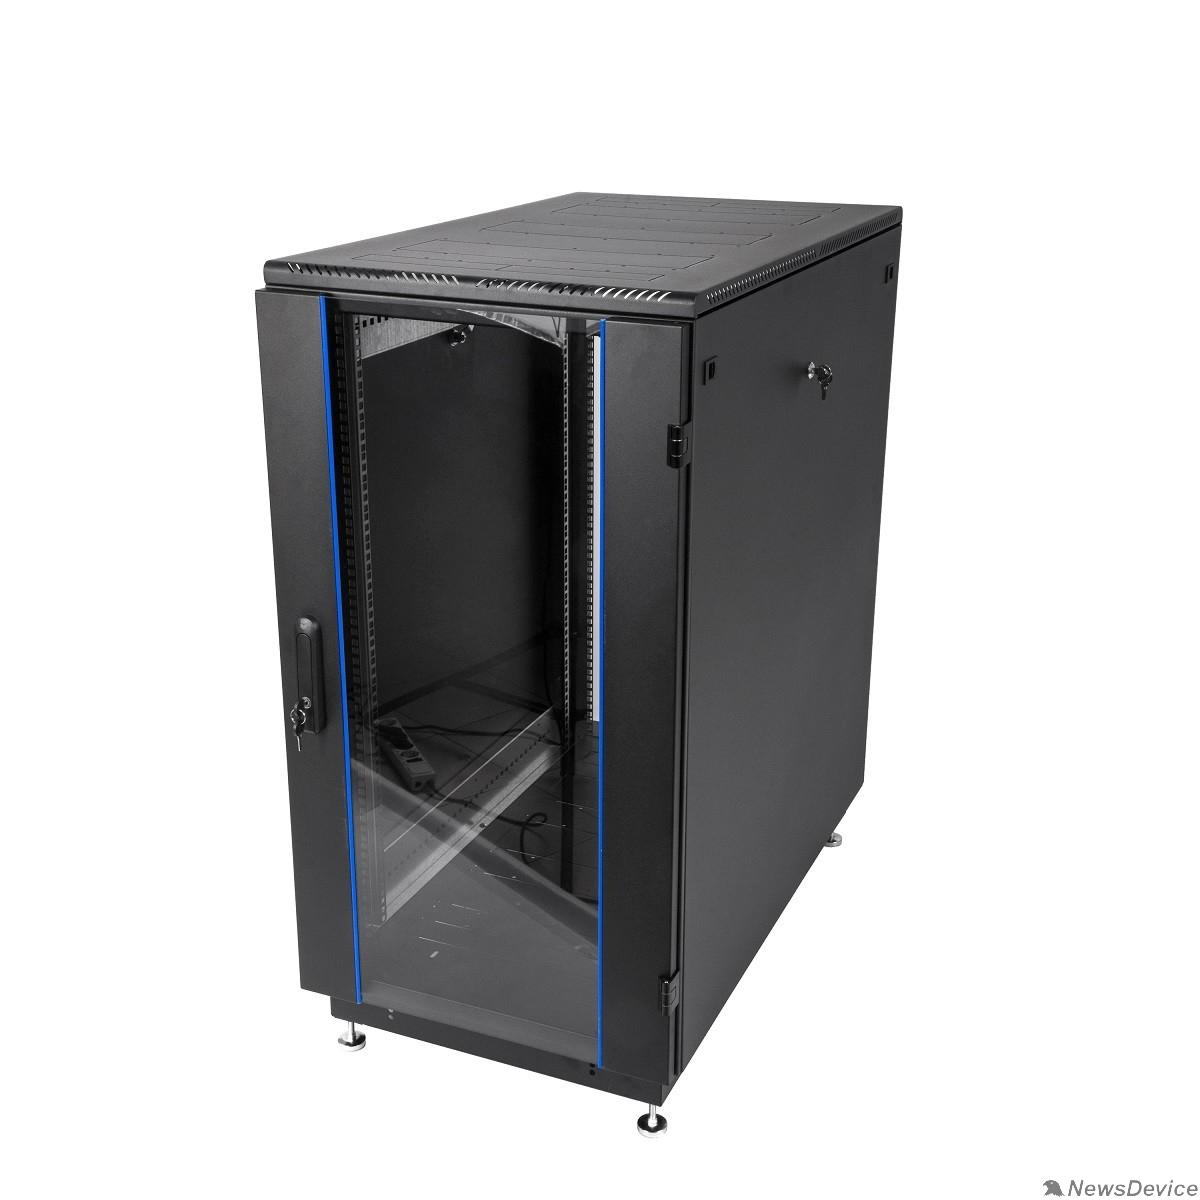 Монтажное оборудование ЦМО Шкаф телекоммуникационный напольный 22U (600x800) дверь стекло, цвет чёрный  (ШТК-М-22.6.8-1ААА-9005)